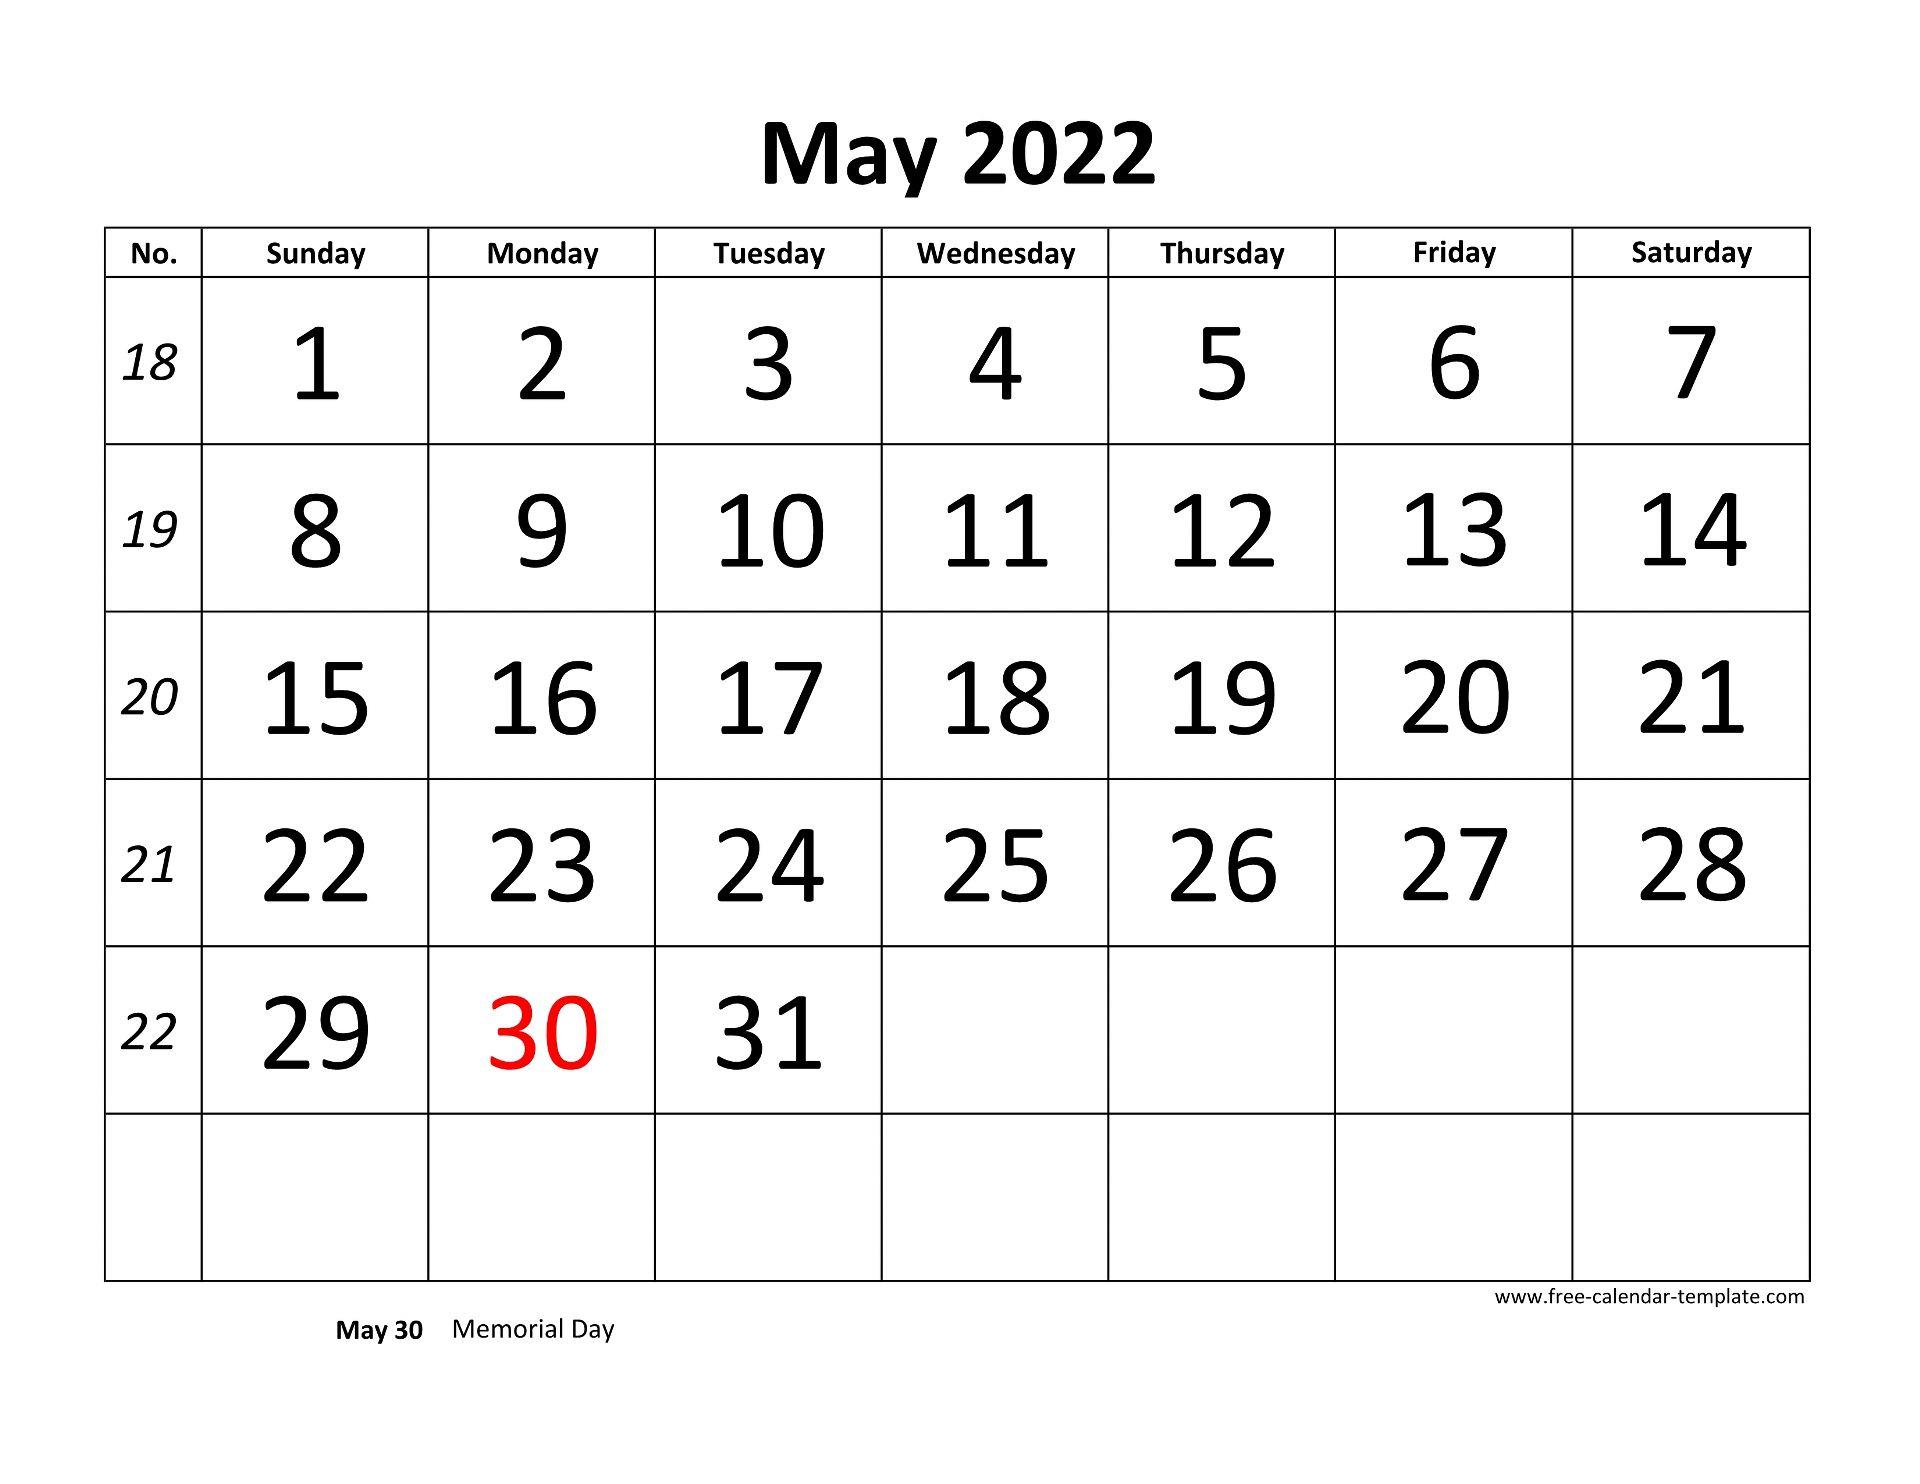 April May 2022 Calendar.May 2022 Calendar Designed With Large Font Horizontal Free Calendar Template Com